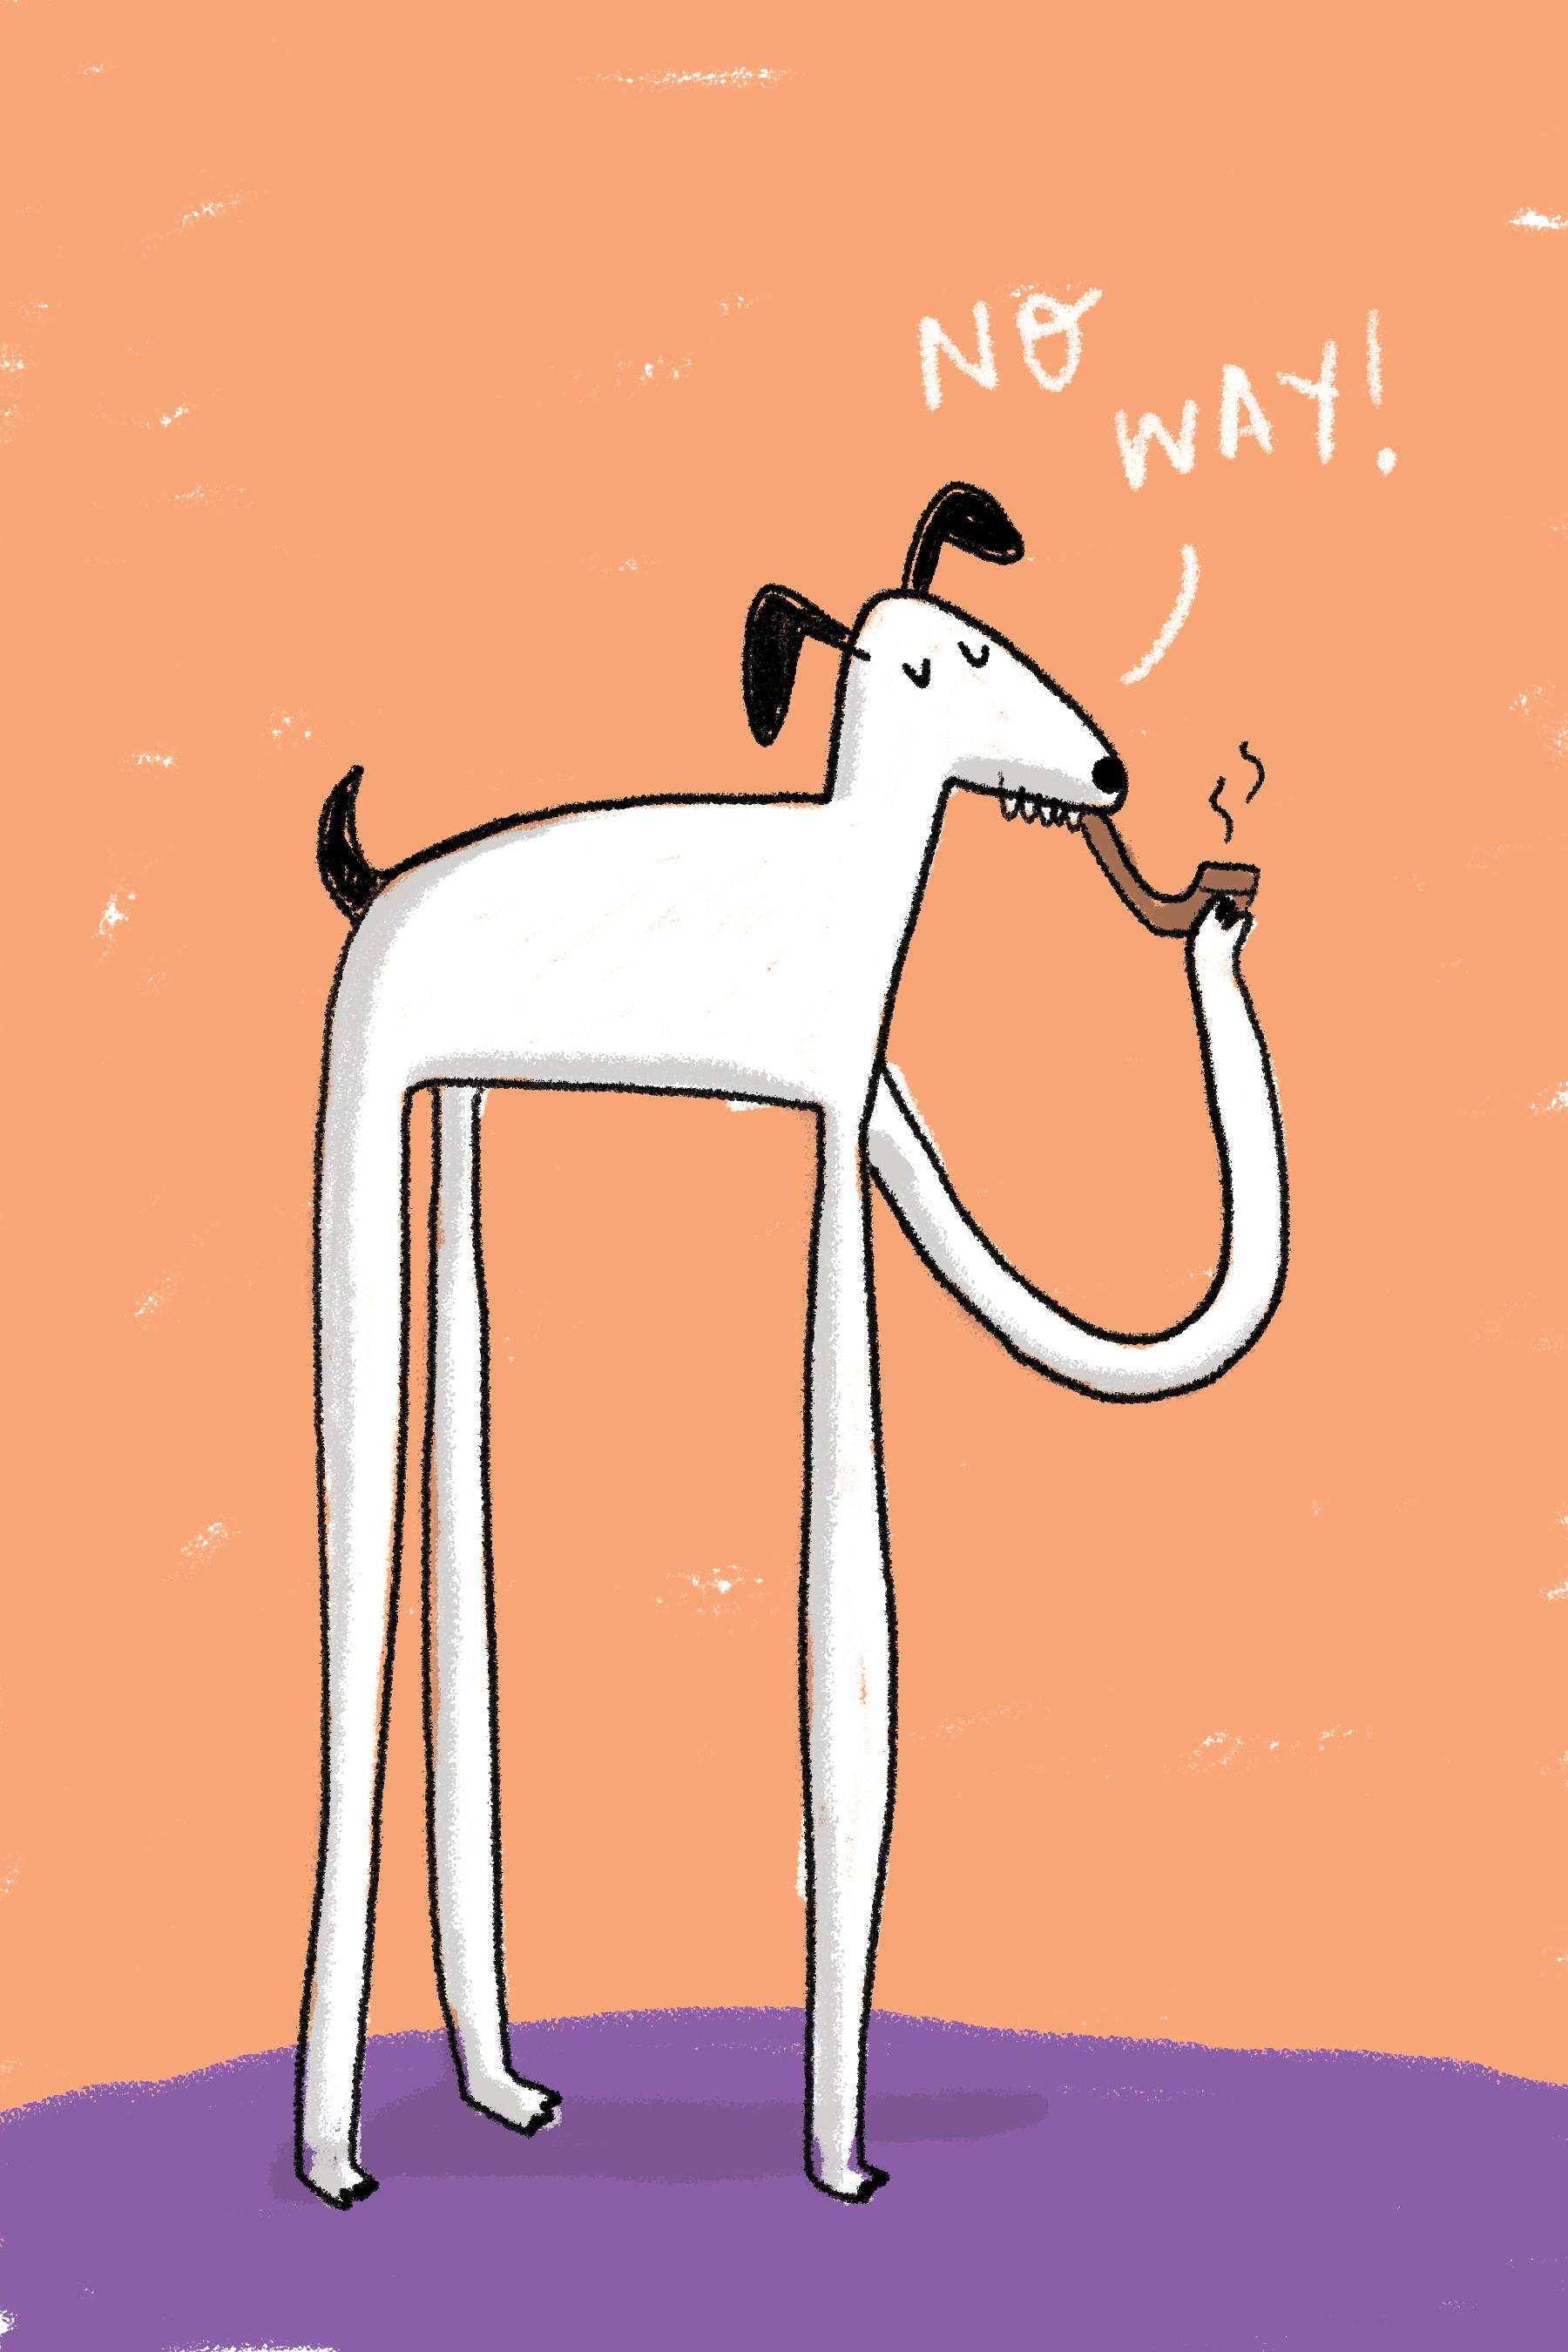 dog-legs-poem-darrenjturner.jpg